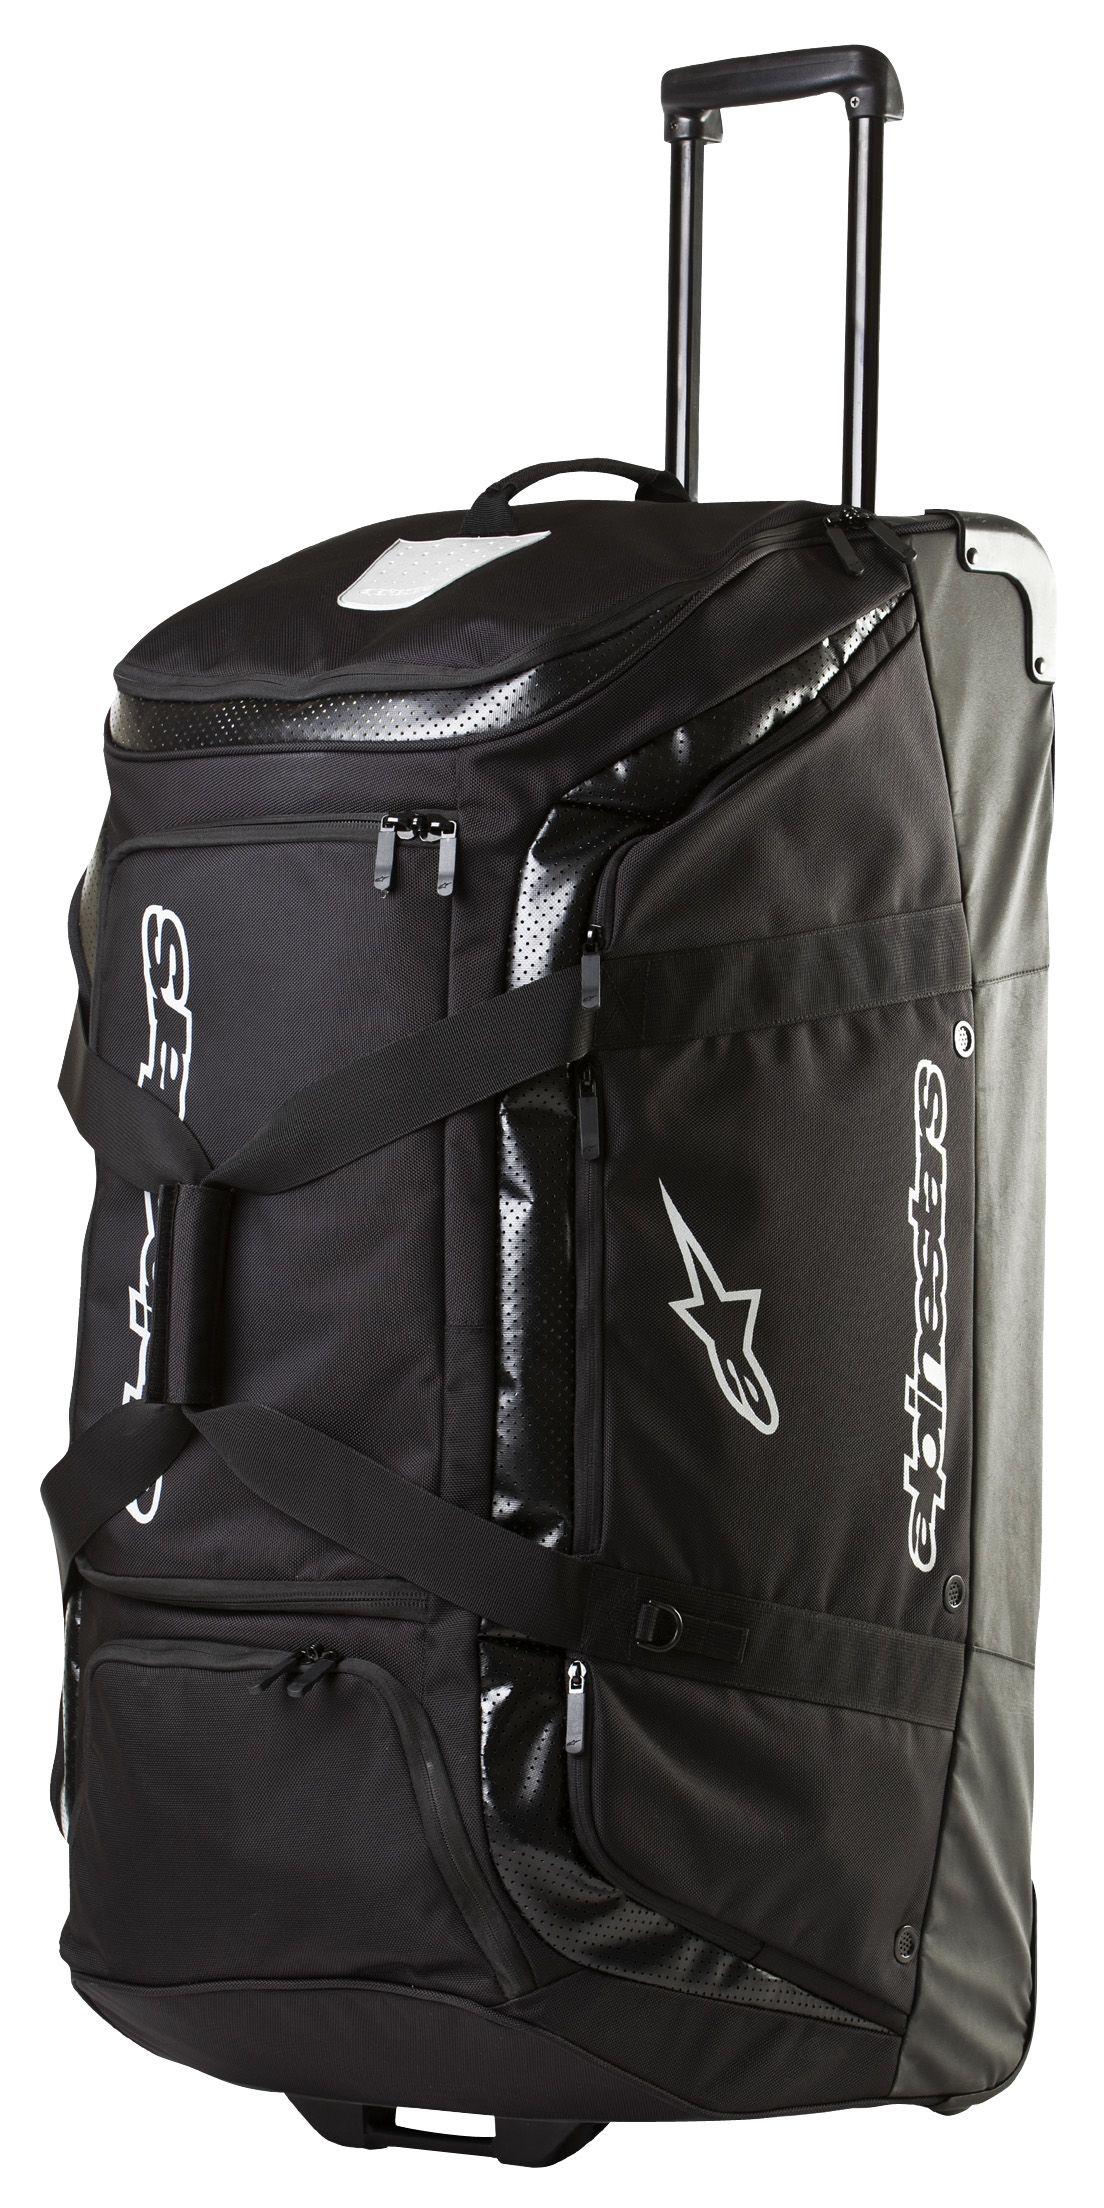 Alpinestars Xl Transition Gear Bag Revzilla